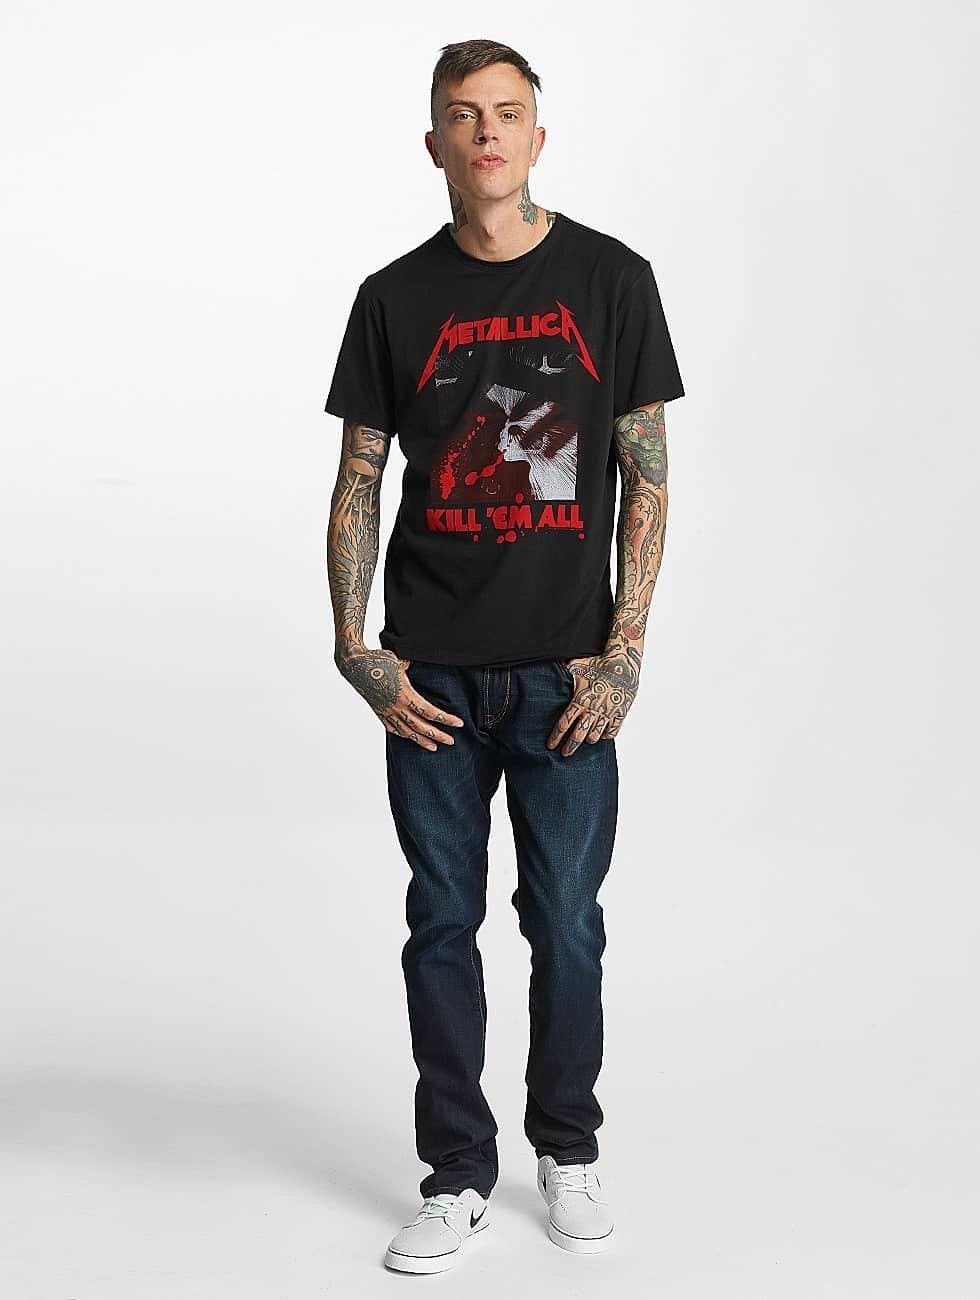 Amplified T-Shirt Metallica Kill Em All black